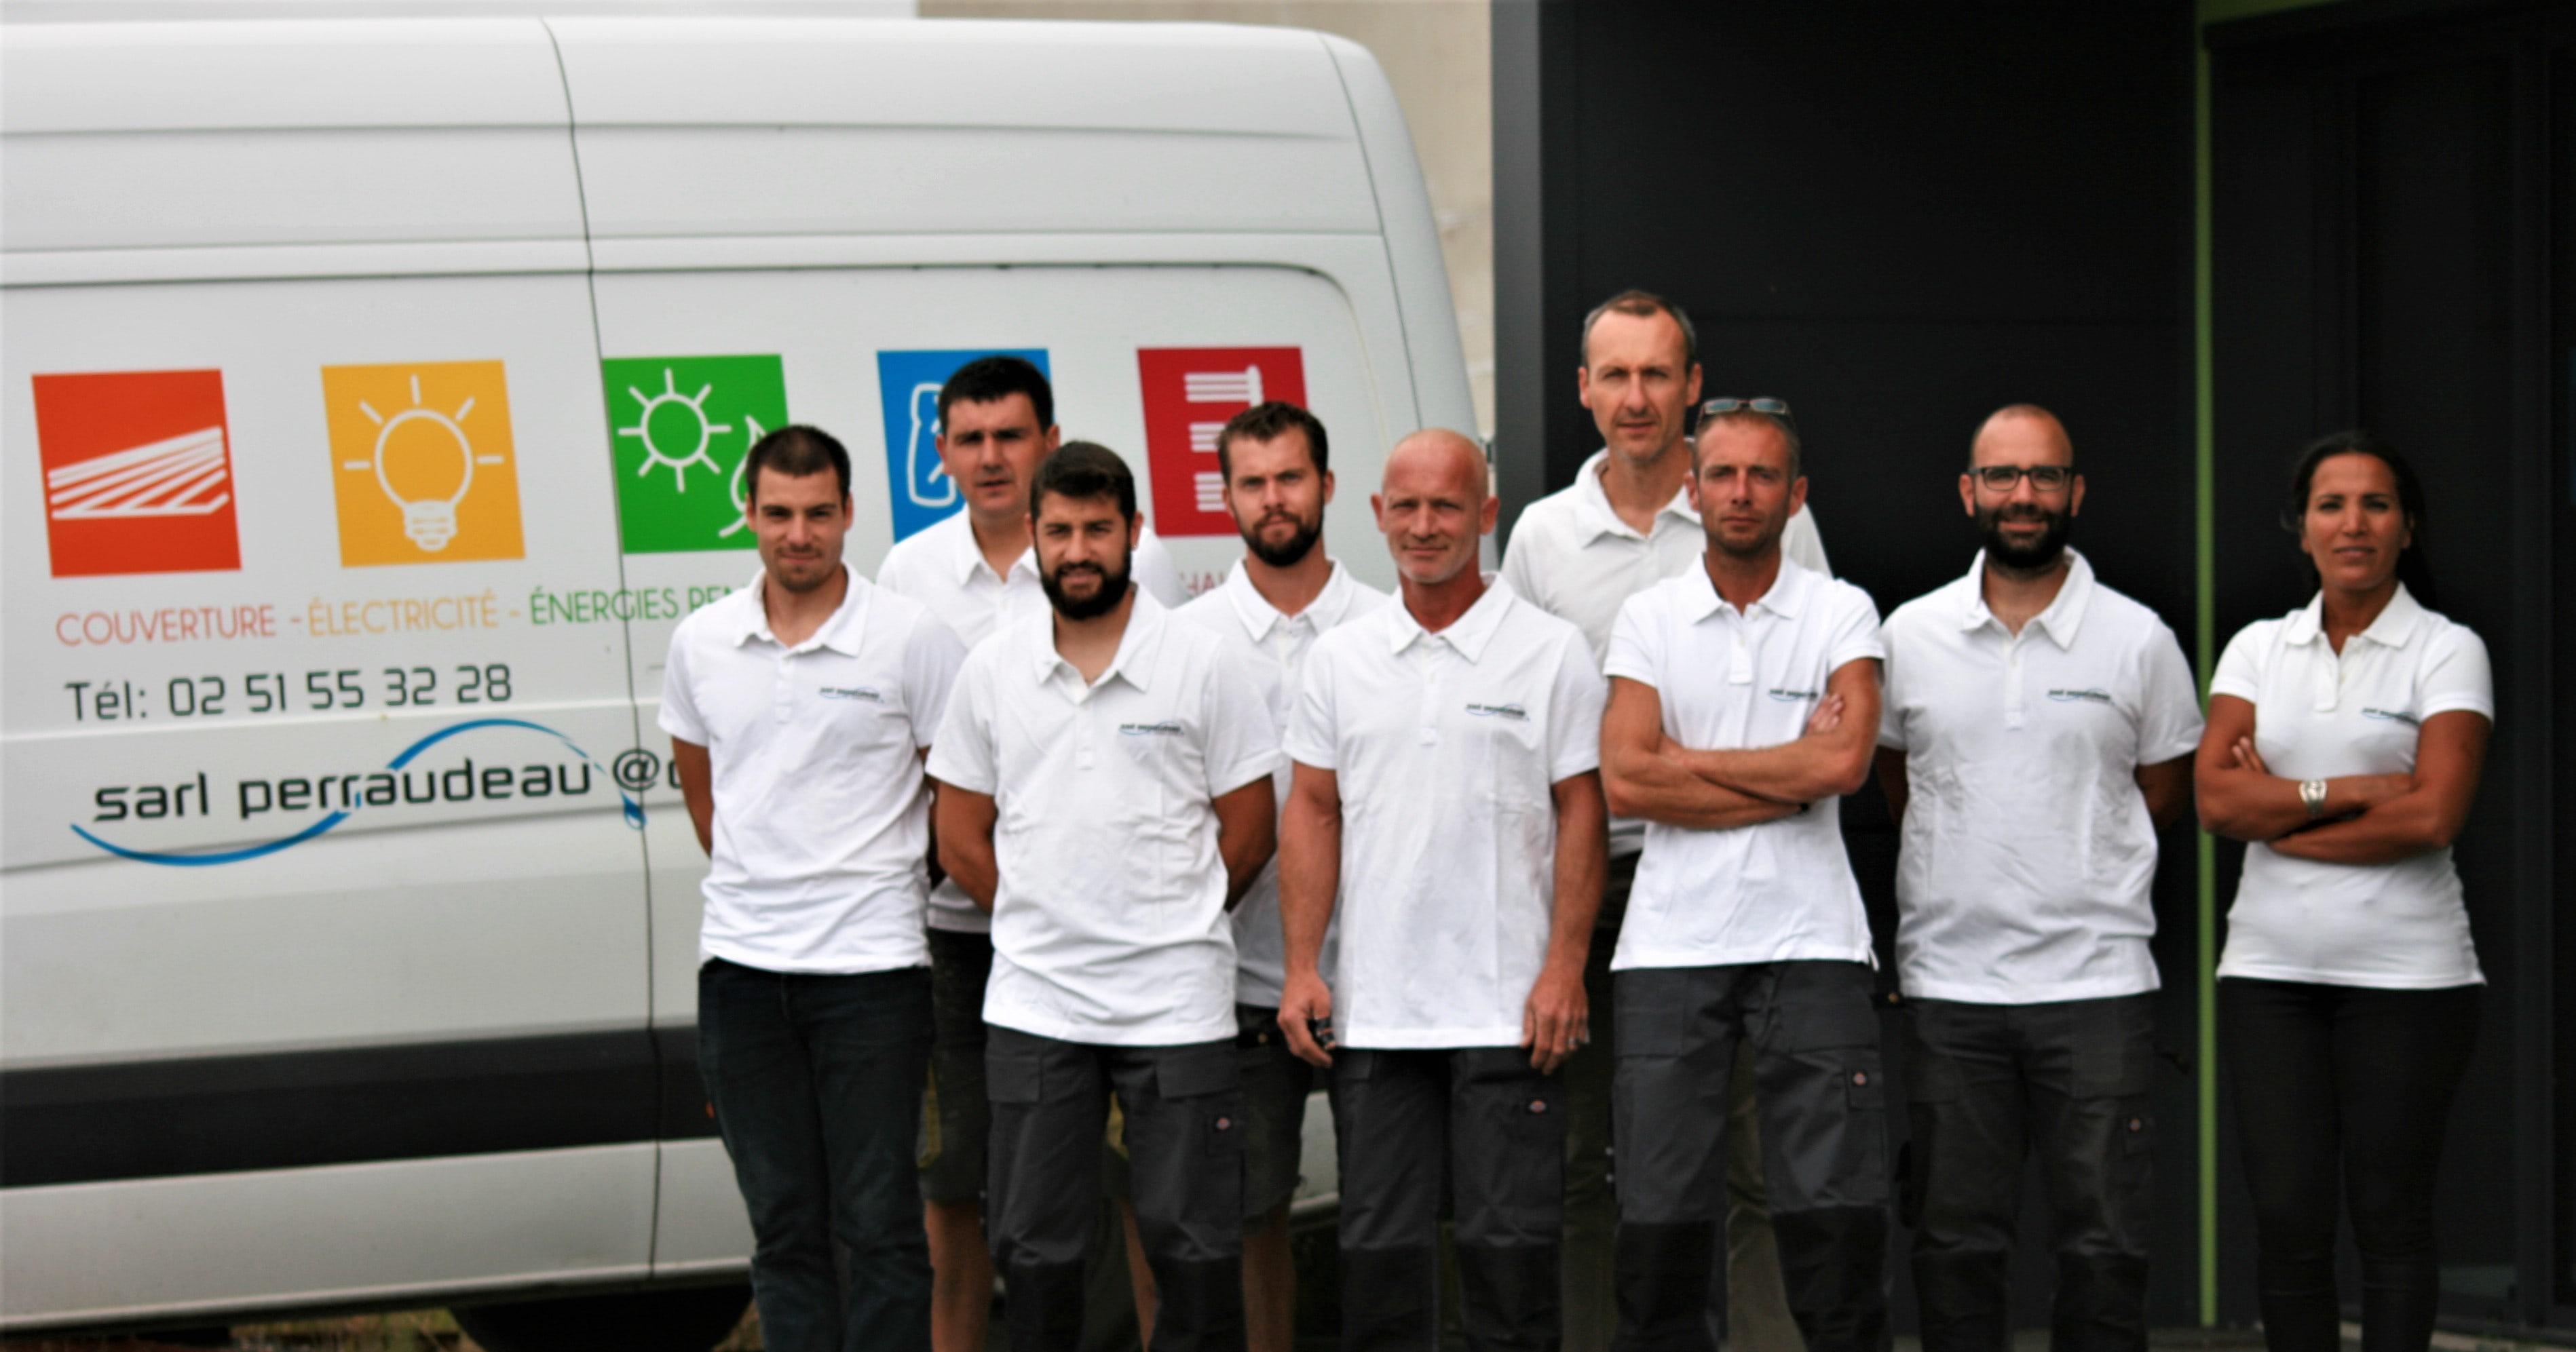 sarl-perraudeau-chauffage-plomberie-electricite-equipe-saint-gilles-croix-de-vie-camion